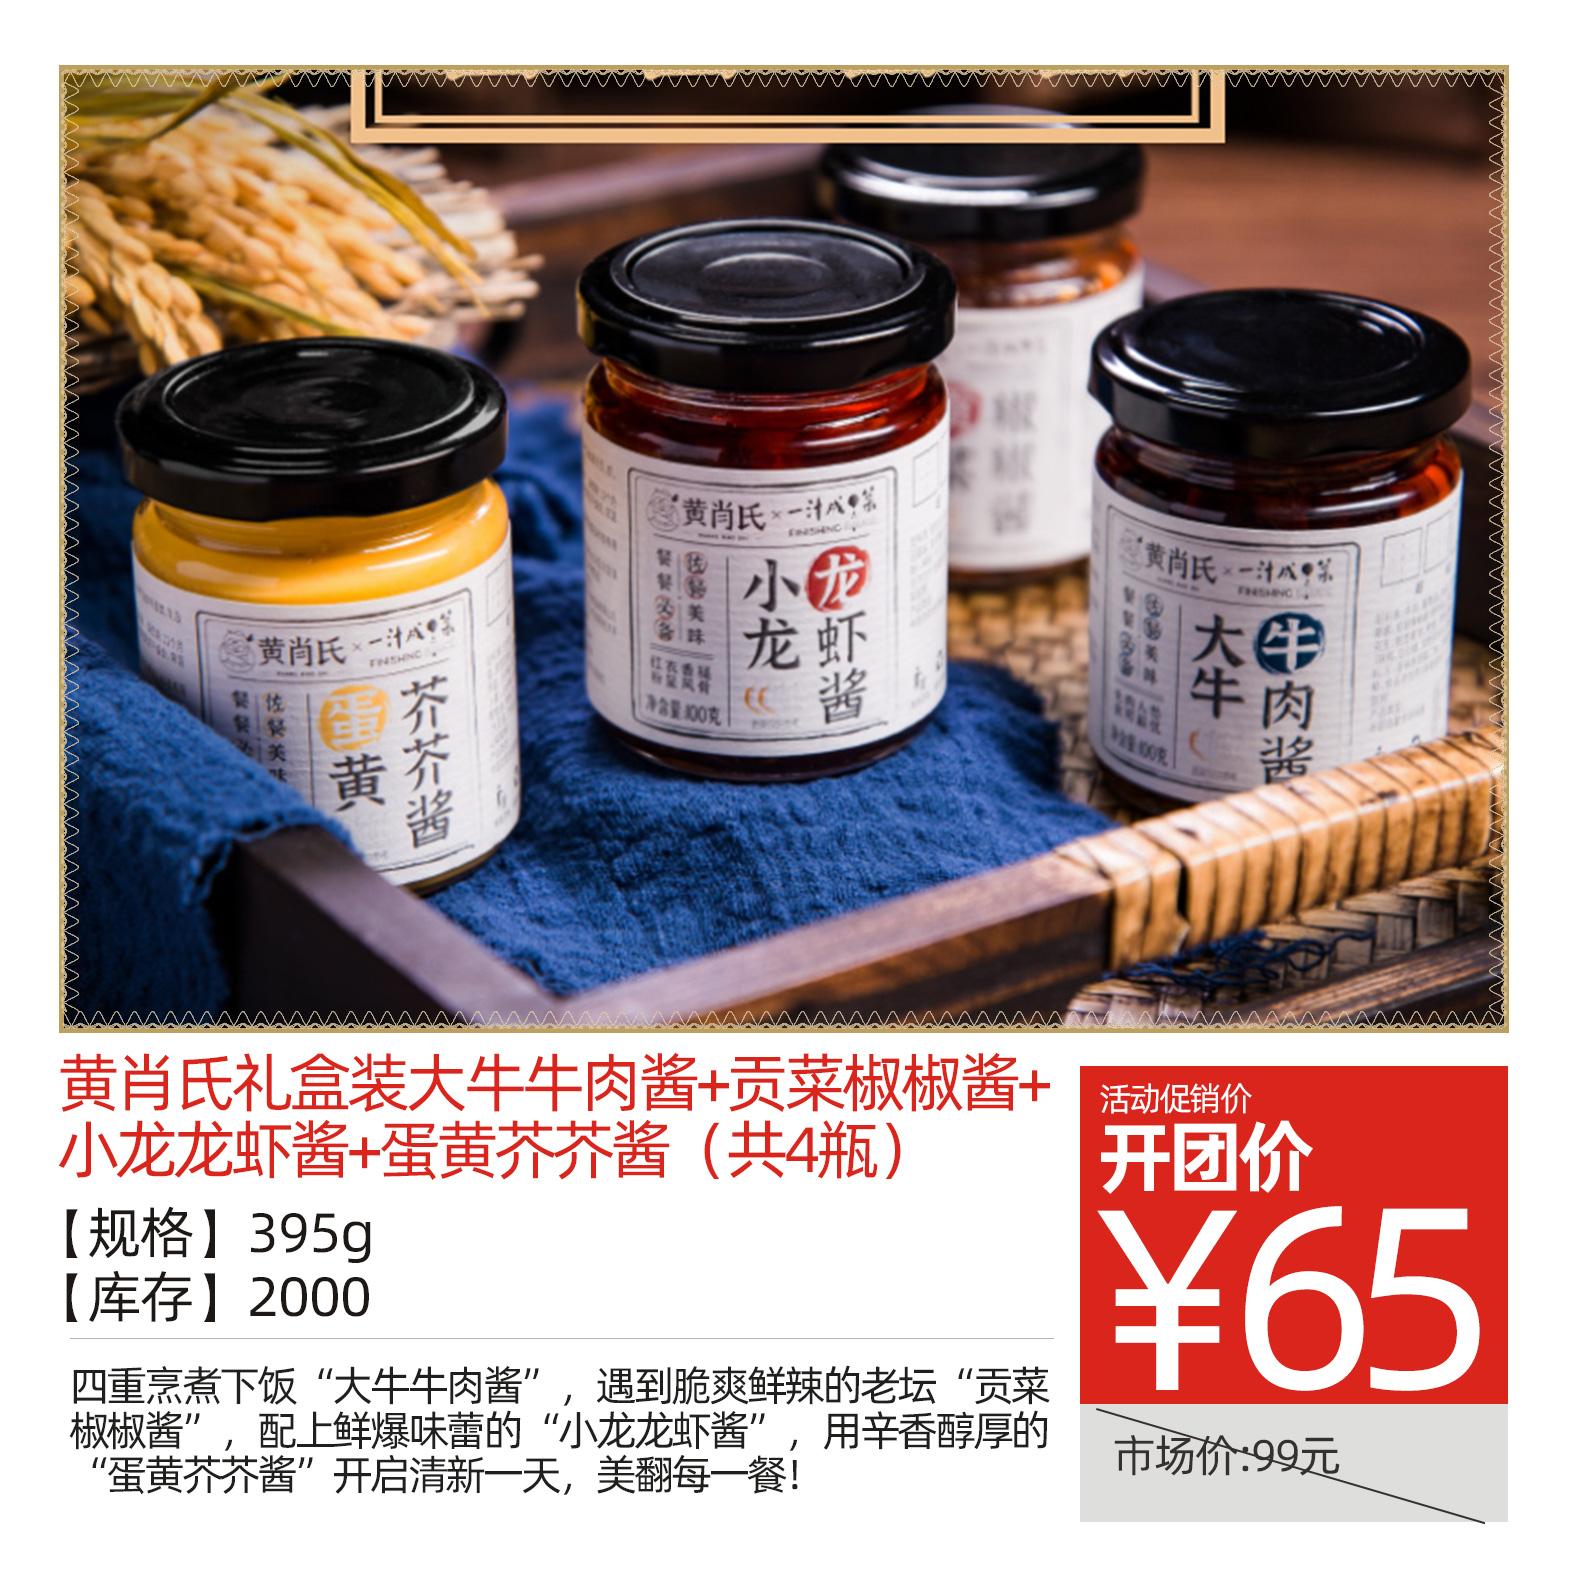 黄肖氏礼盒装大牛牛肉酱+贡菜椒椒酱+小龙龙虾酱+蛋黄芥芥酱(共4瓶)